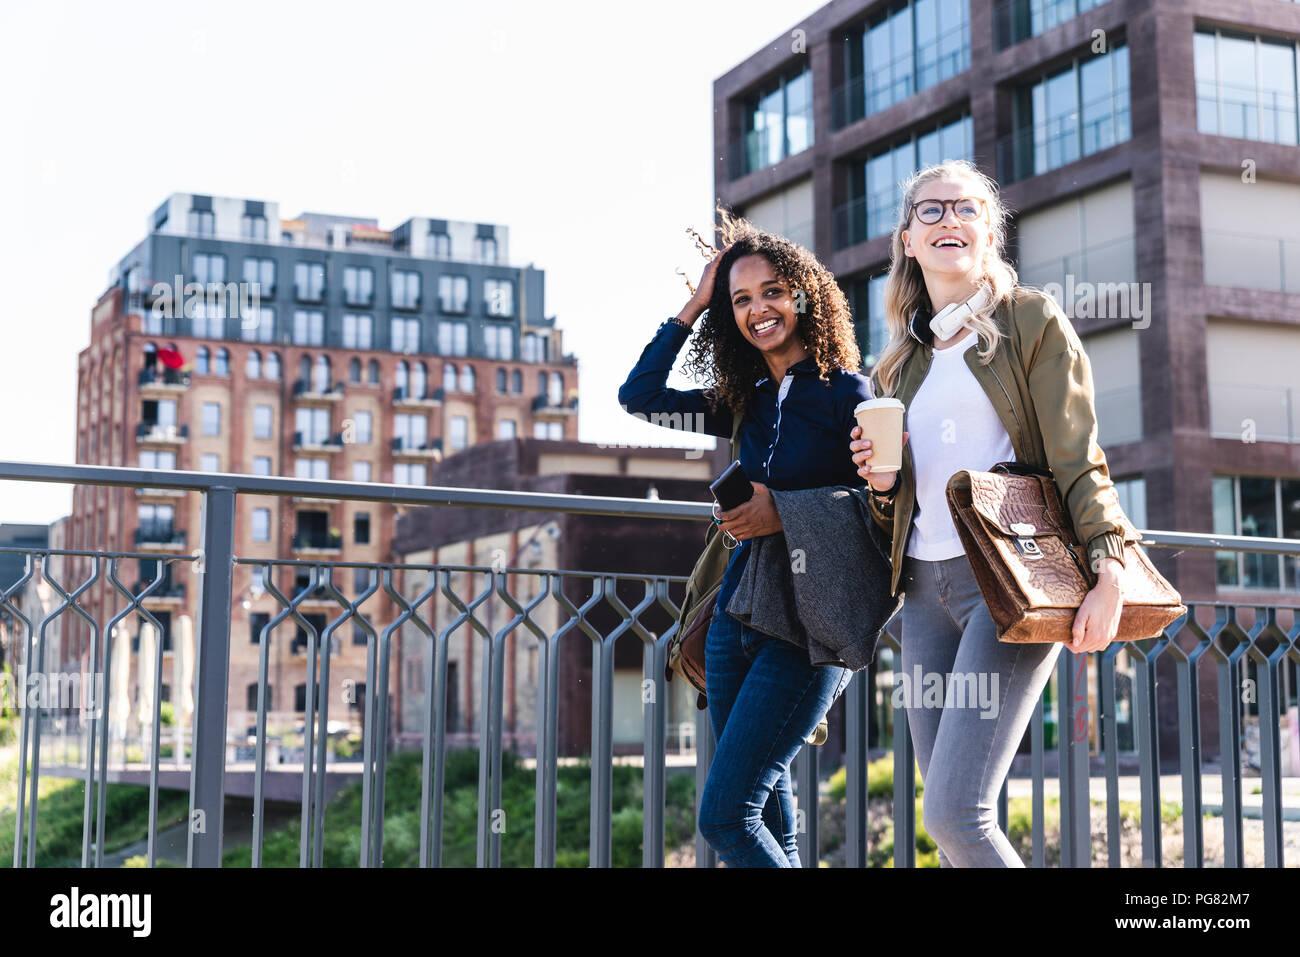 Amigos caminando sobre el puente, hablar, divertirse Imagen De Stock